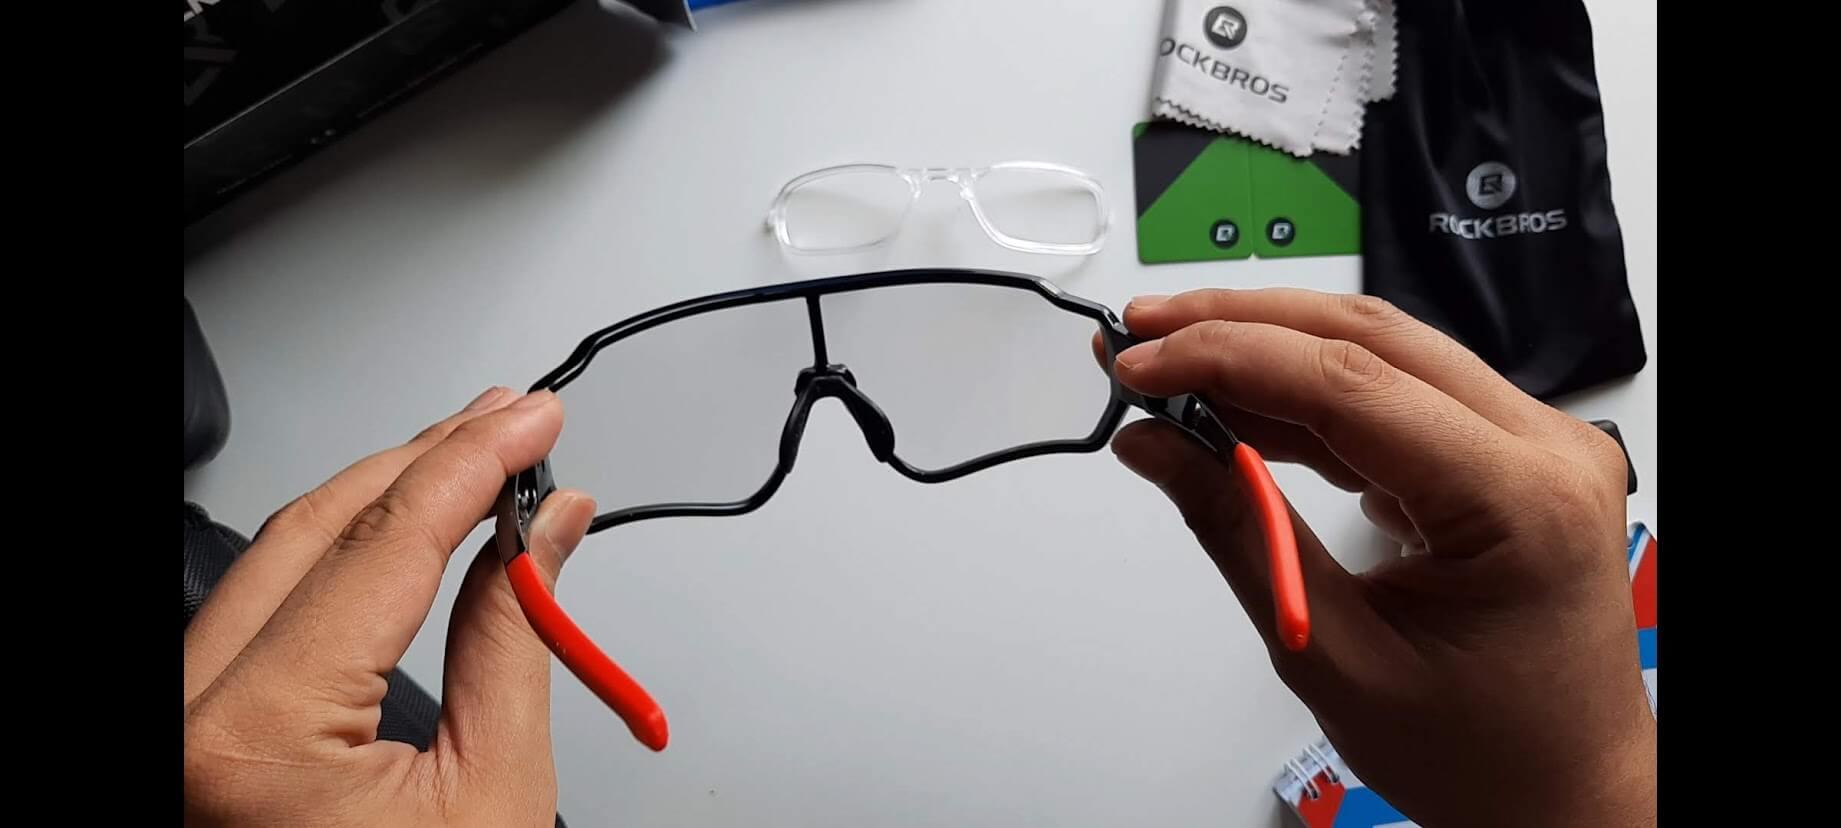 Kacamata Photochromic Solusi 1 Lensa Untuk Kondisi Gelap dan Terang